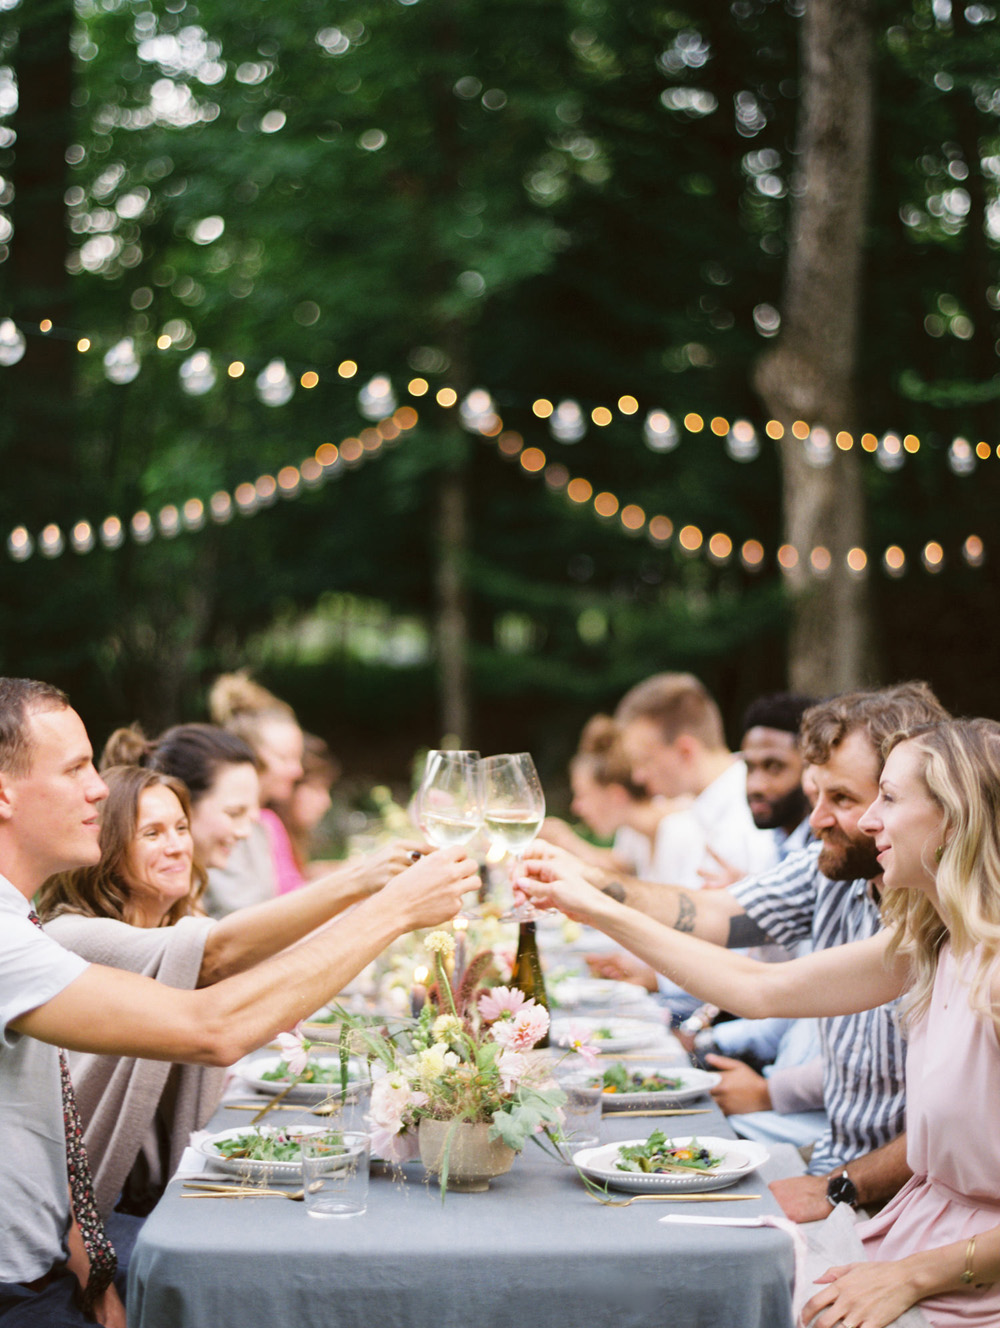 Collega's uitnodigen op de bruiloft tijdens het diner